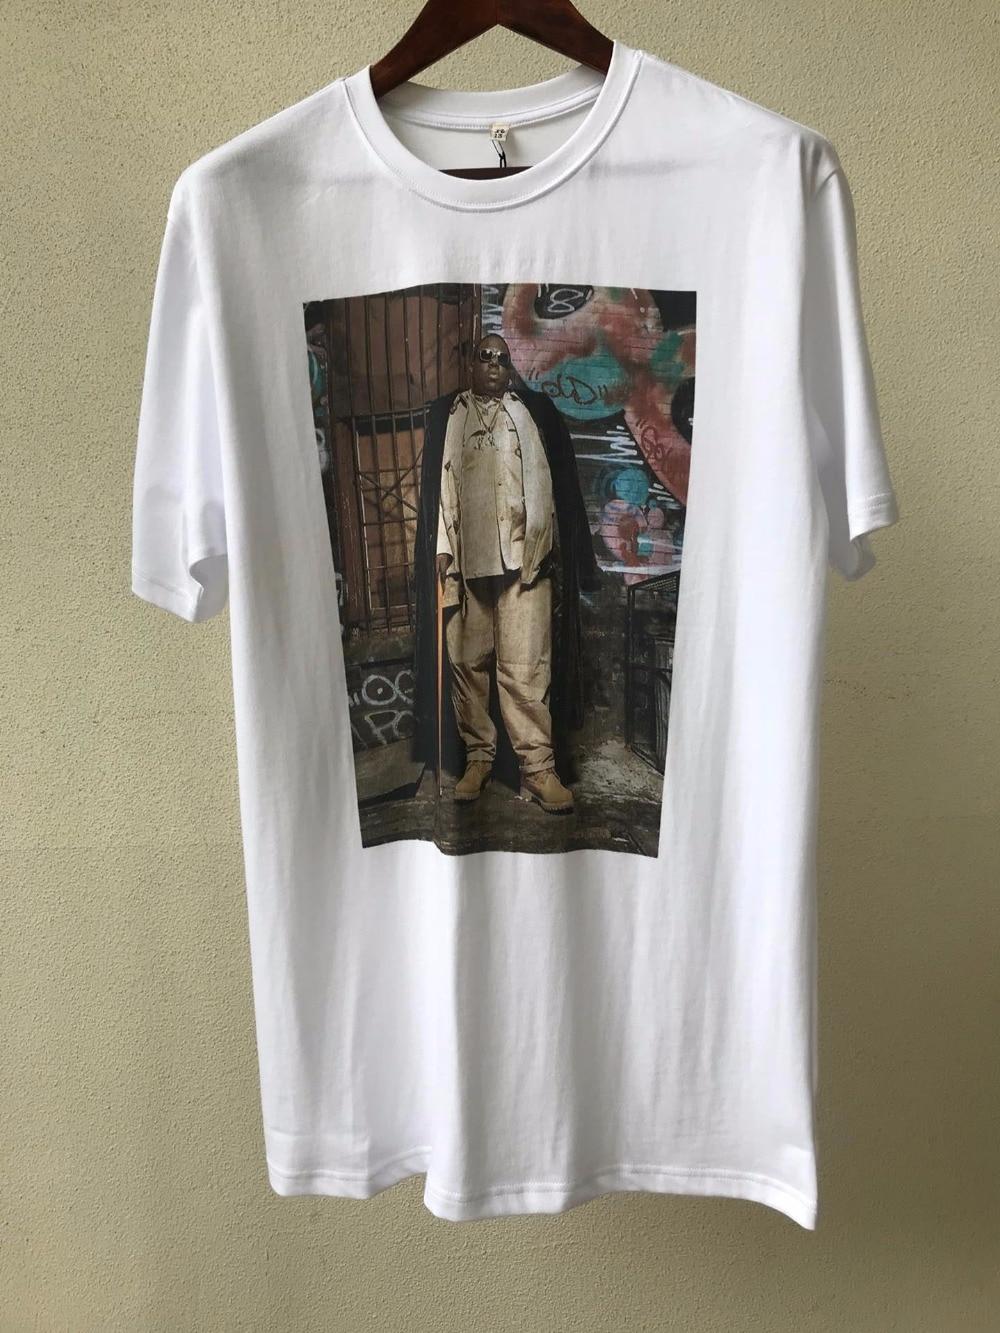 19ss أوين سيك الرجال عارضة تي شيرت 100% القطن القوطية نمط قمم ملابس للرجال المعتاد قمم المحملات الصيف المرأة تيز الأبيض T قميص-في تي شيرتات من ملابس الرجال على  مجموعة 1